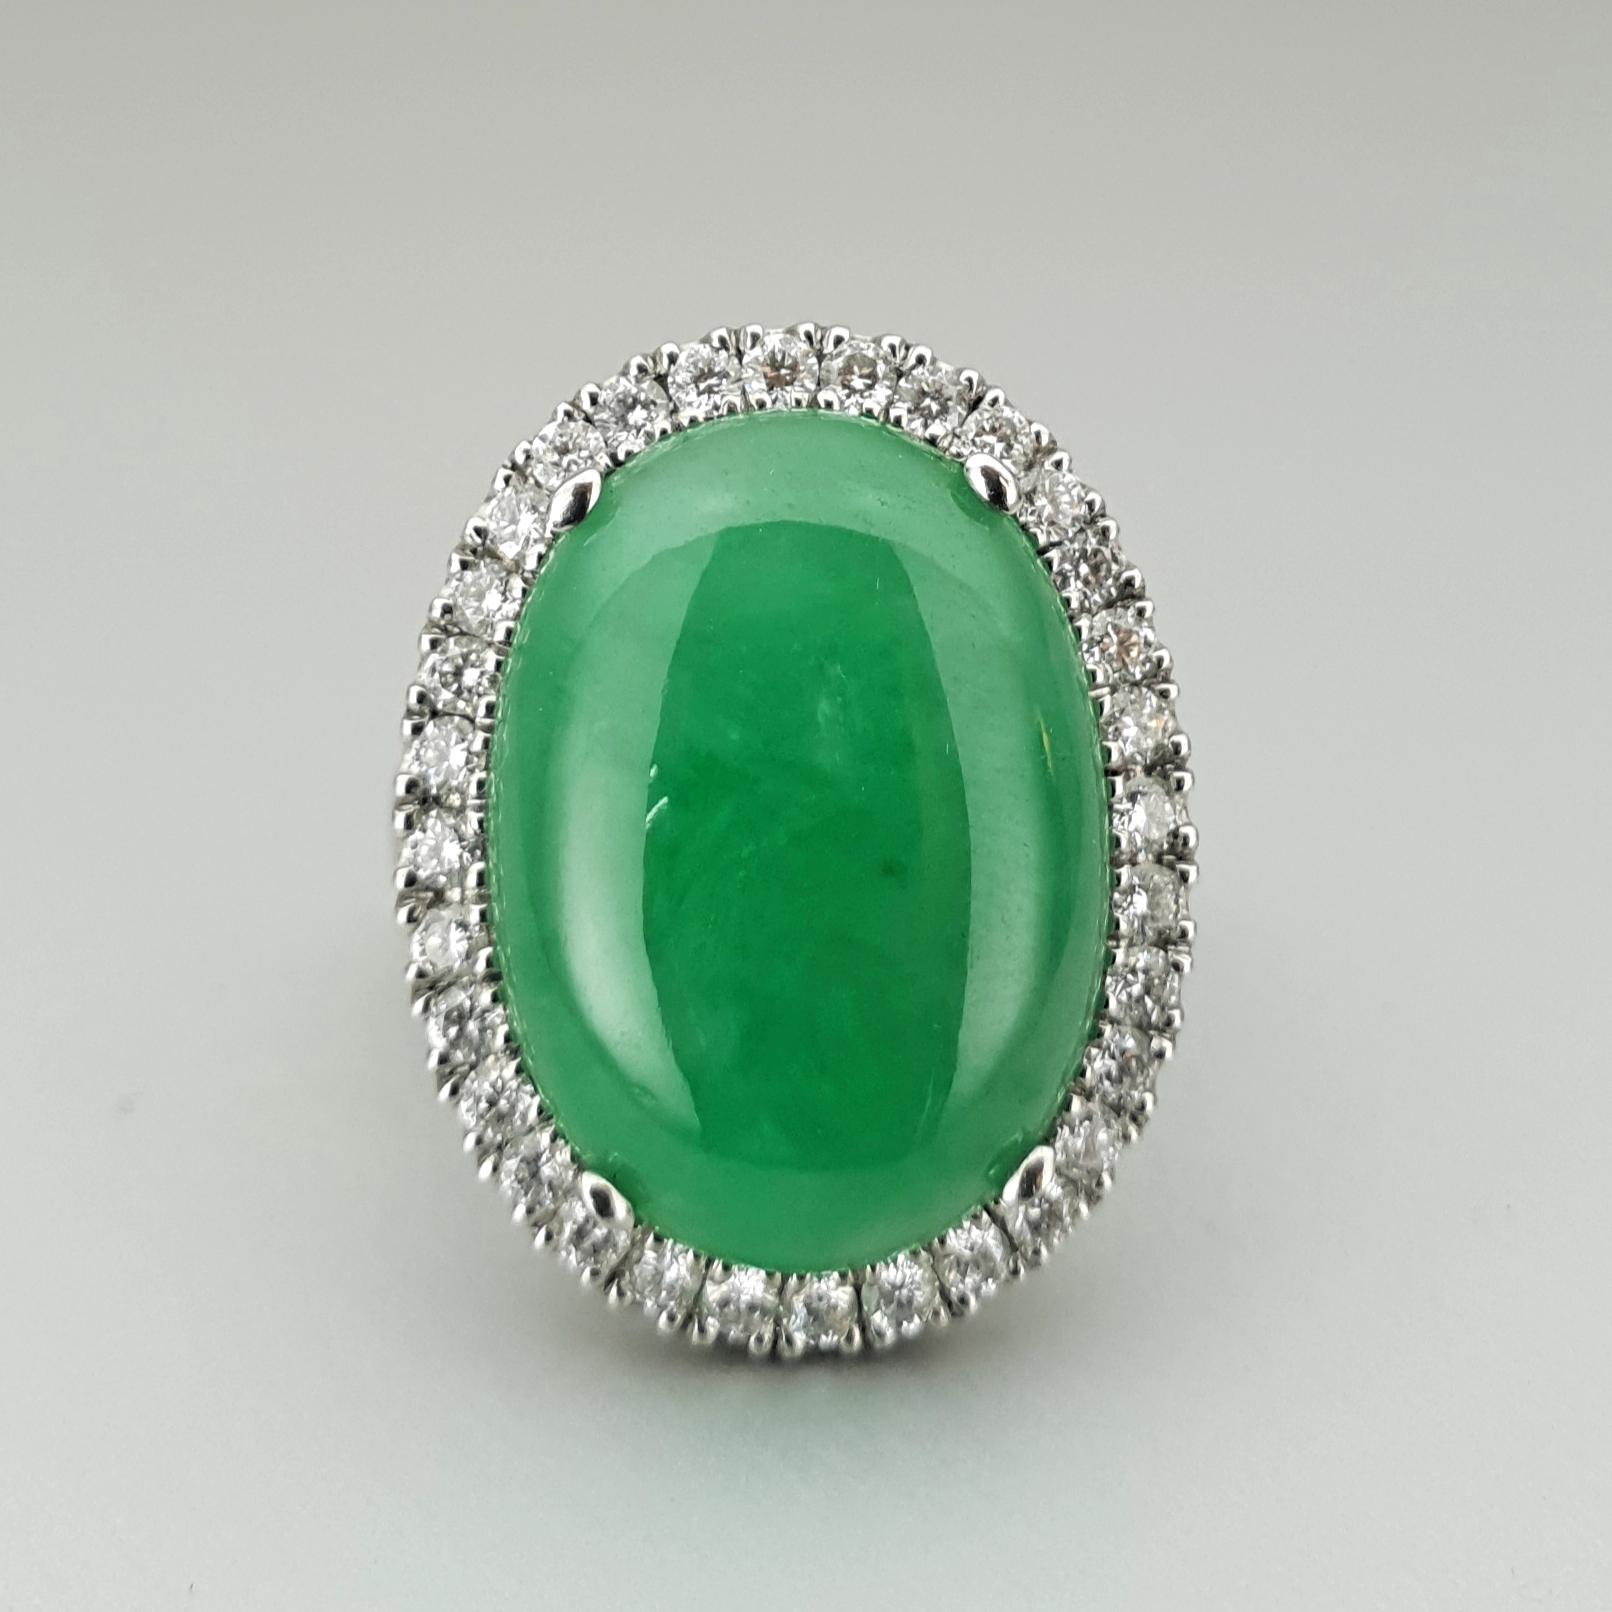 'Valentin' Jade and Diamond Ring in Platinum